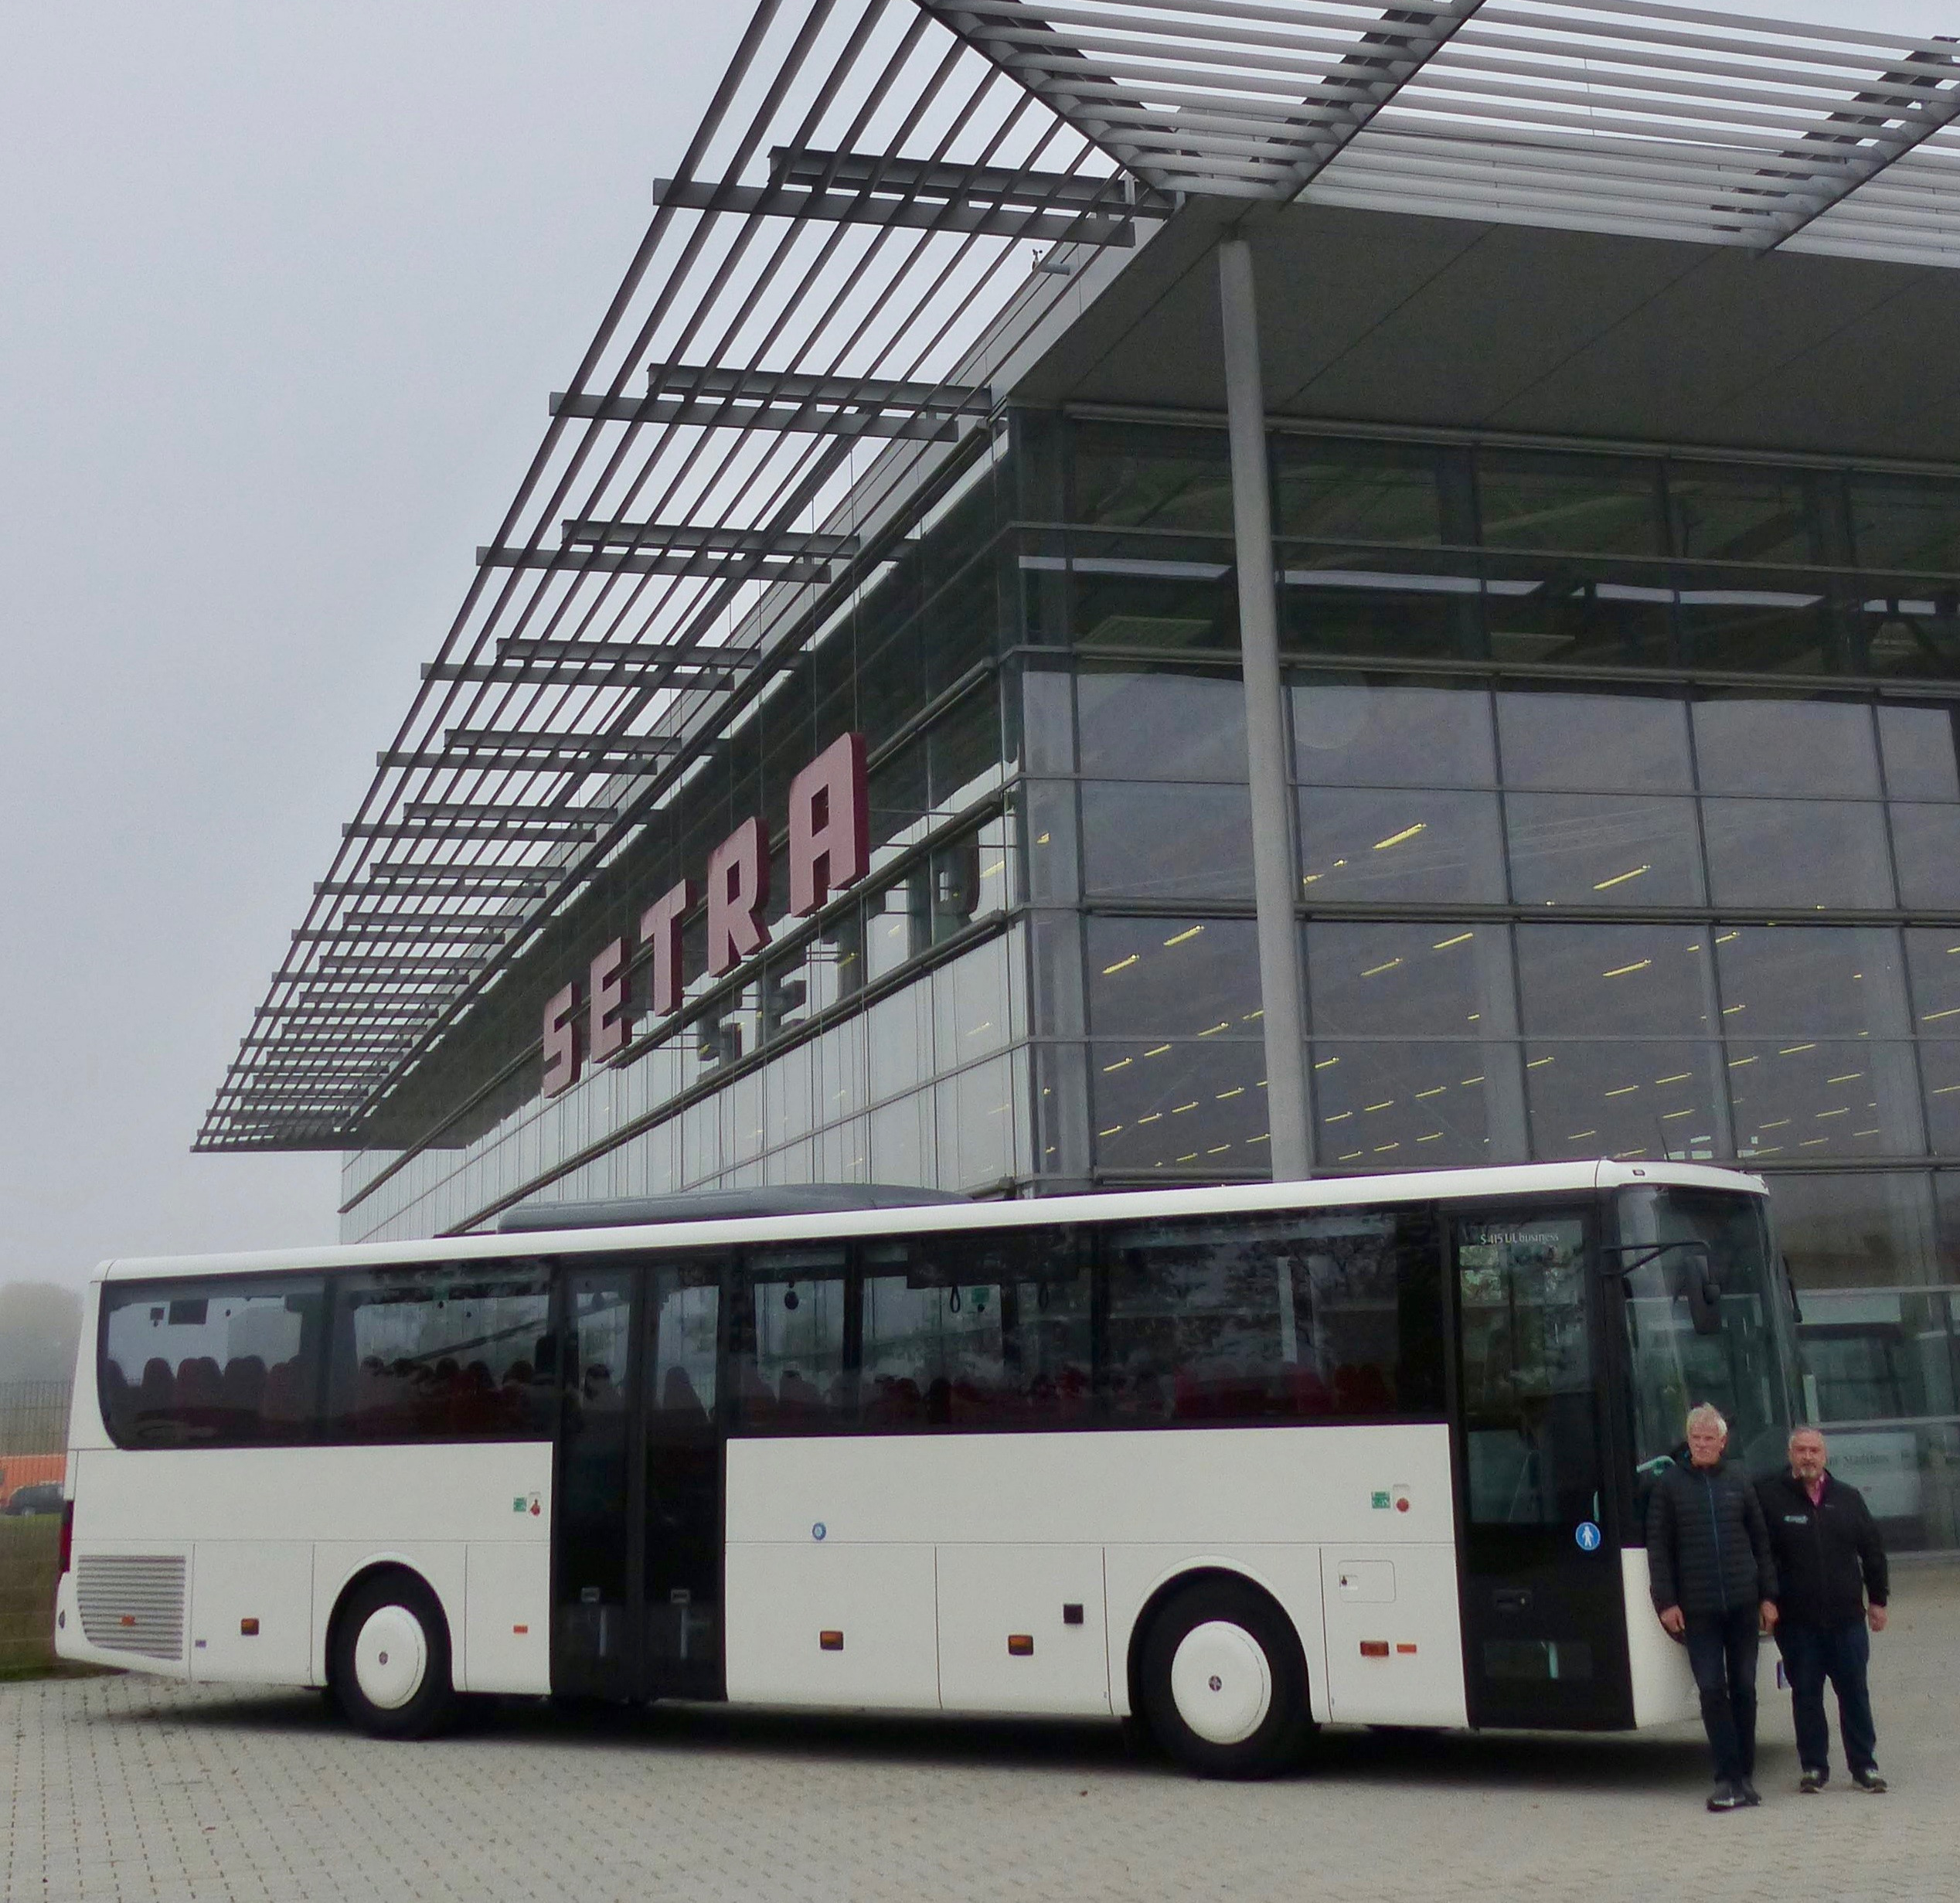 Neuer Kombibus für Gemeinde Stadtlauringen